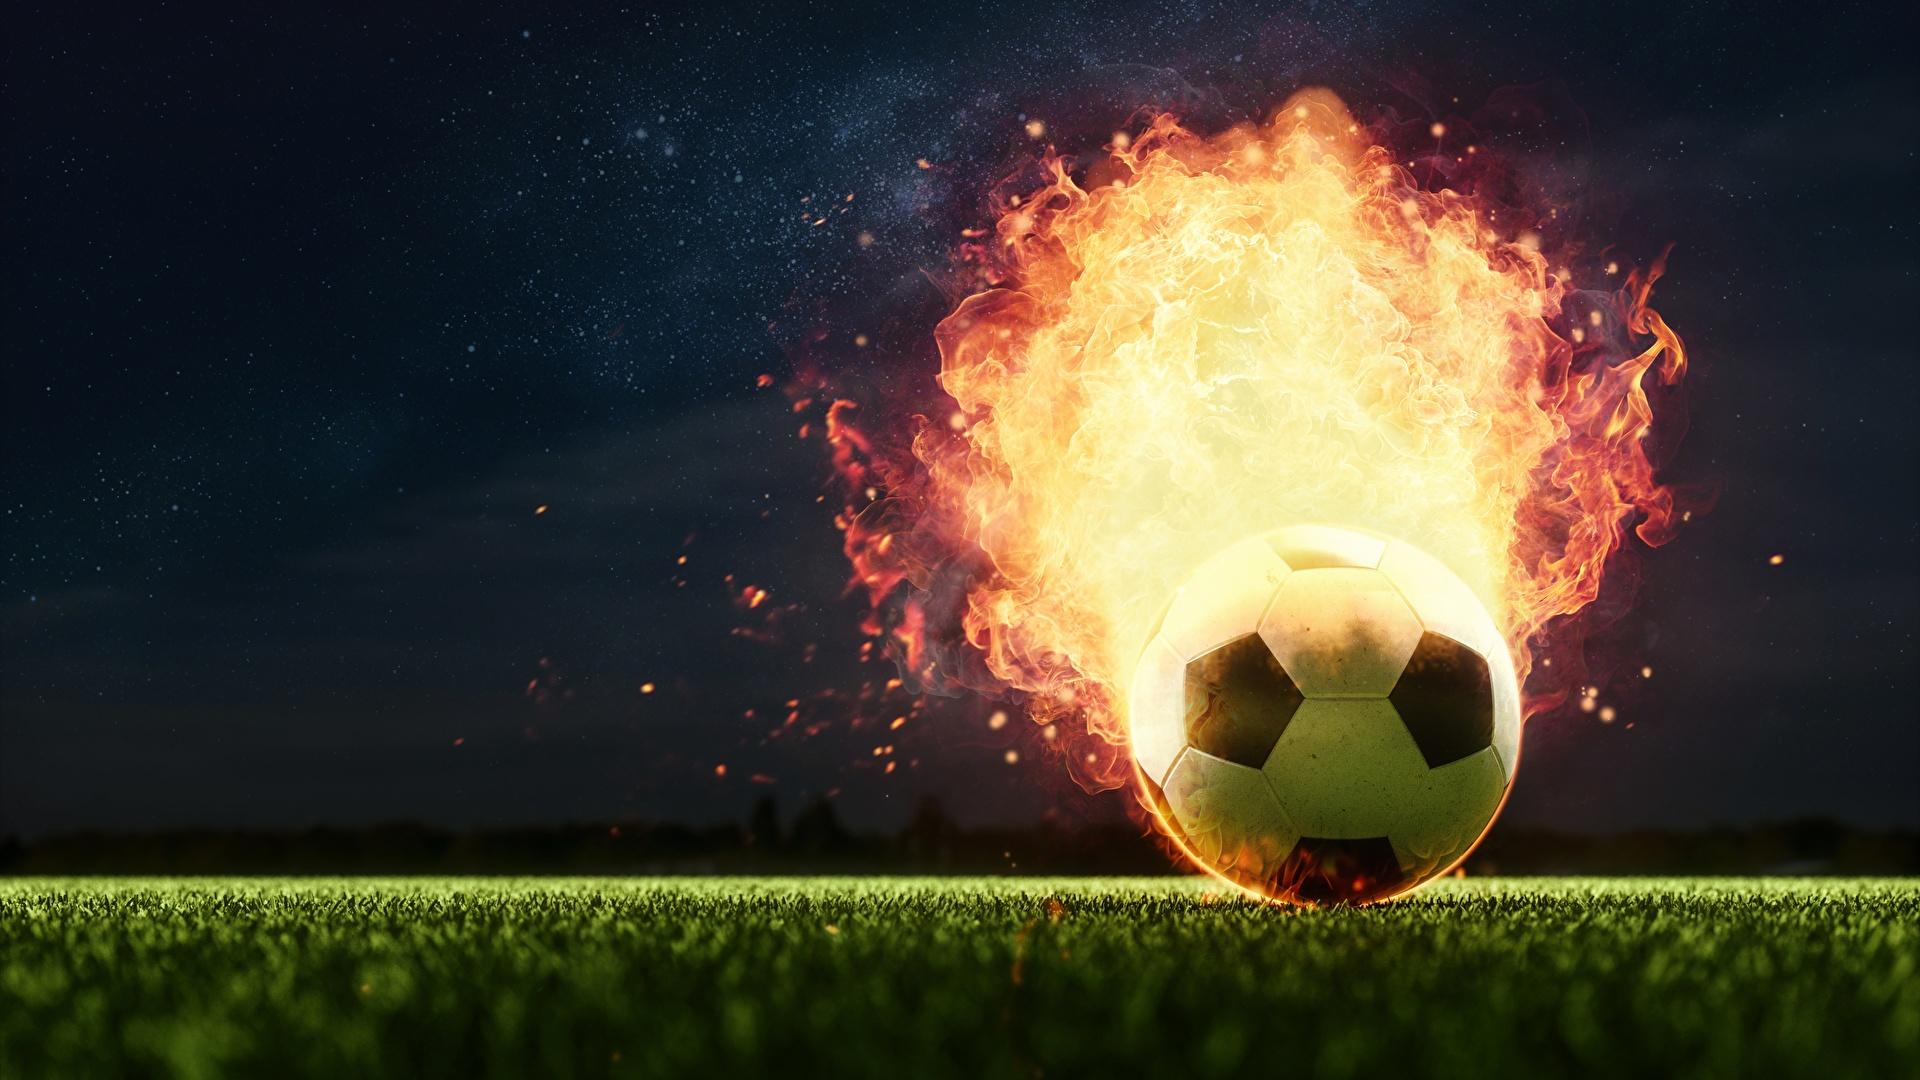 Soccer desktop background